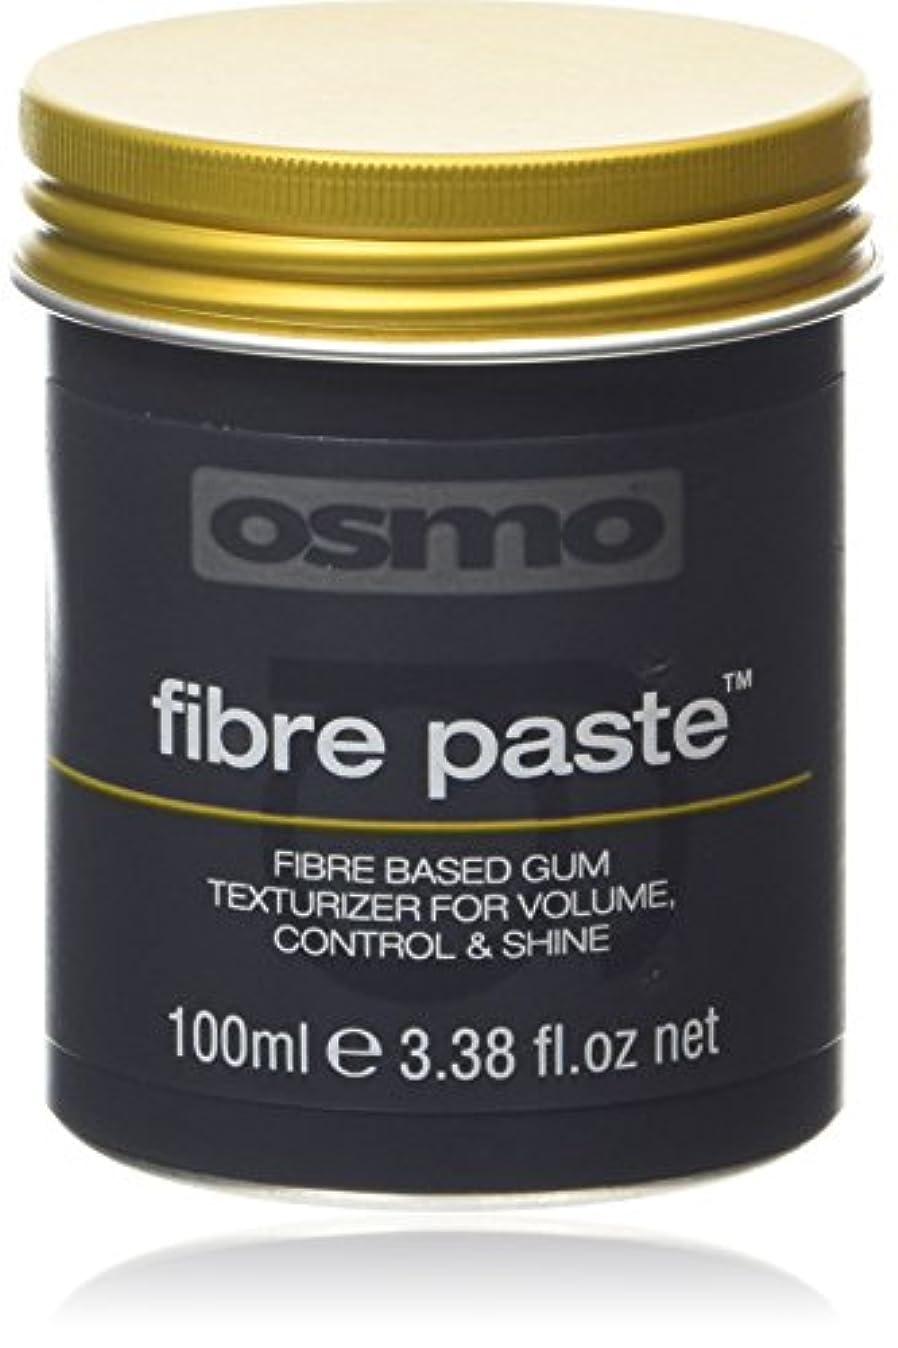 円形の知り合いサーキットに行くアレス OSMO グルーミングヘアワックス ファイバーペースト 100ml